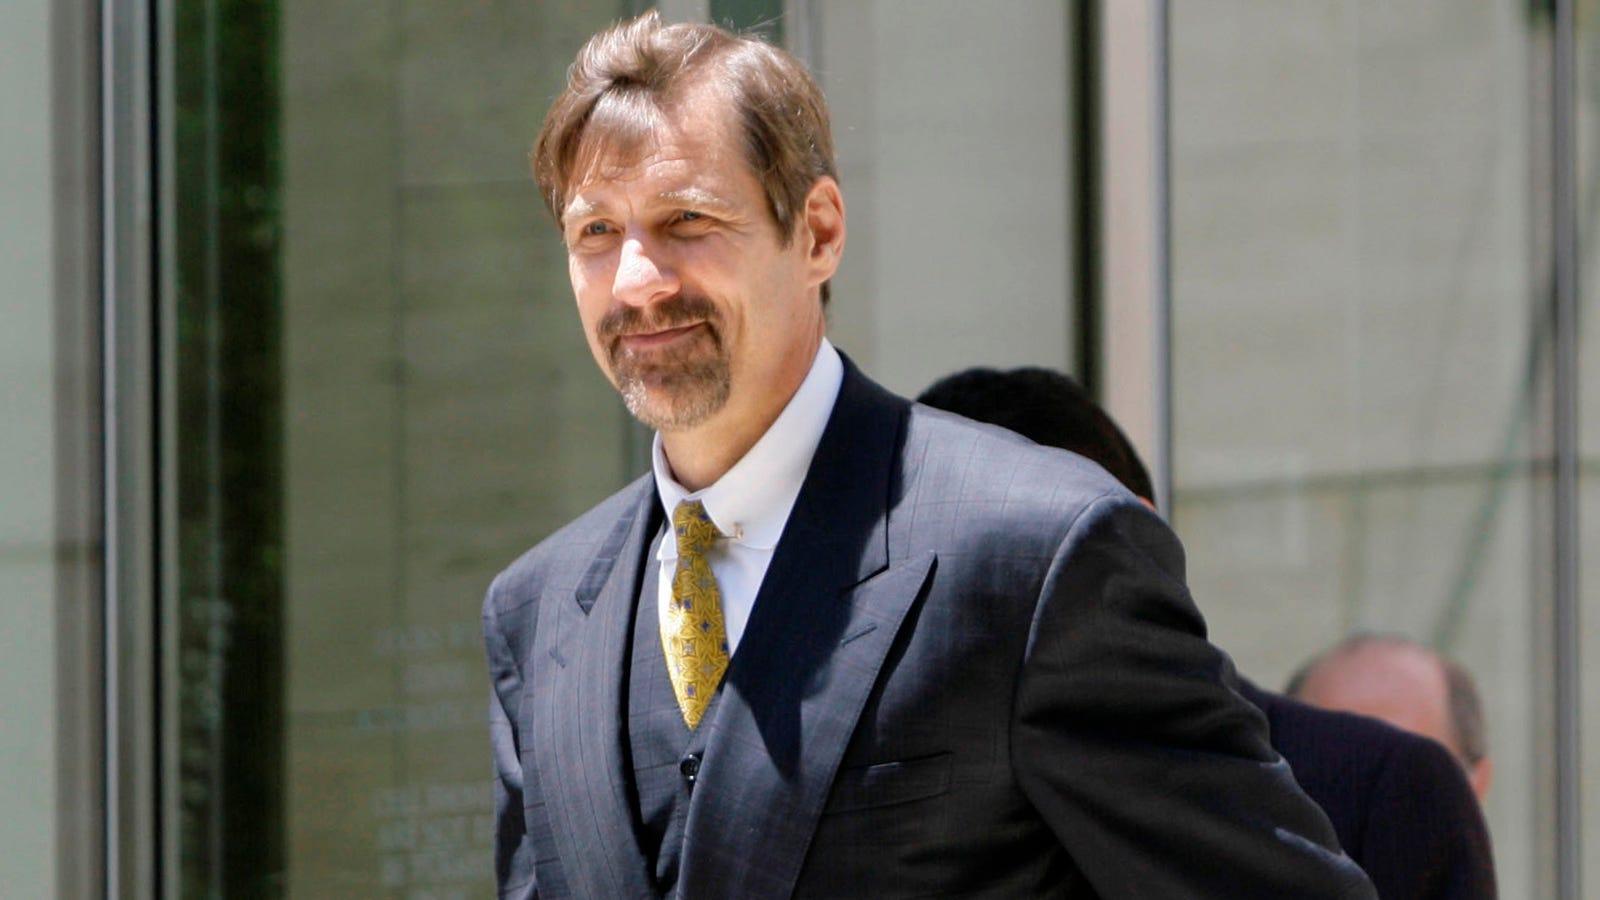 Broadcom's Billionaire Co-Founder Arrested on Suspicion of Drug Trafficking